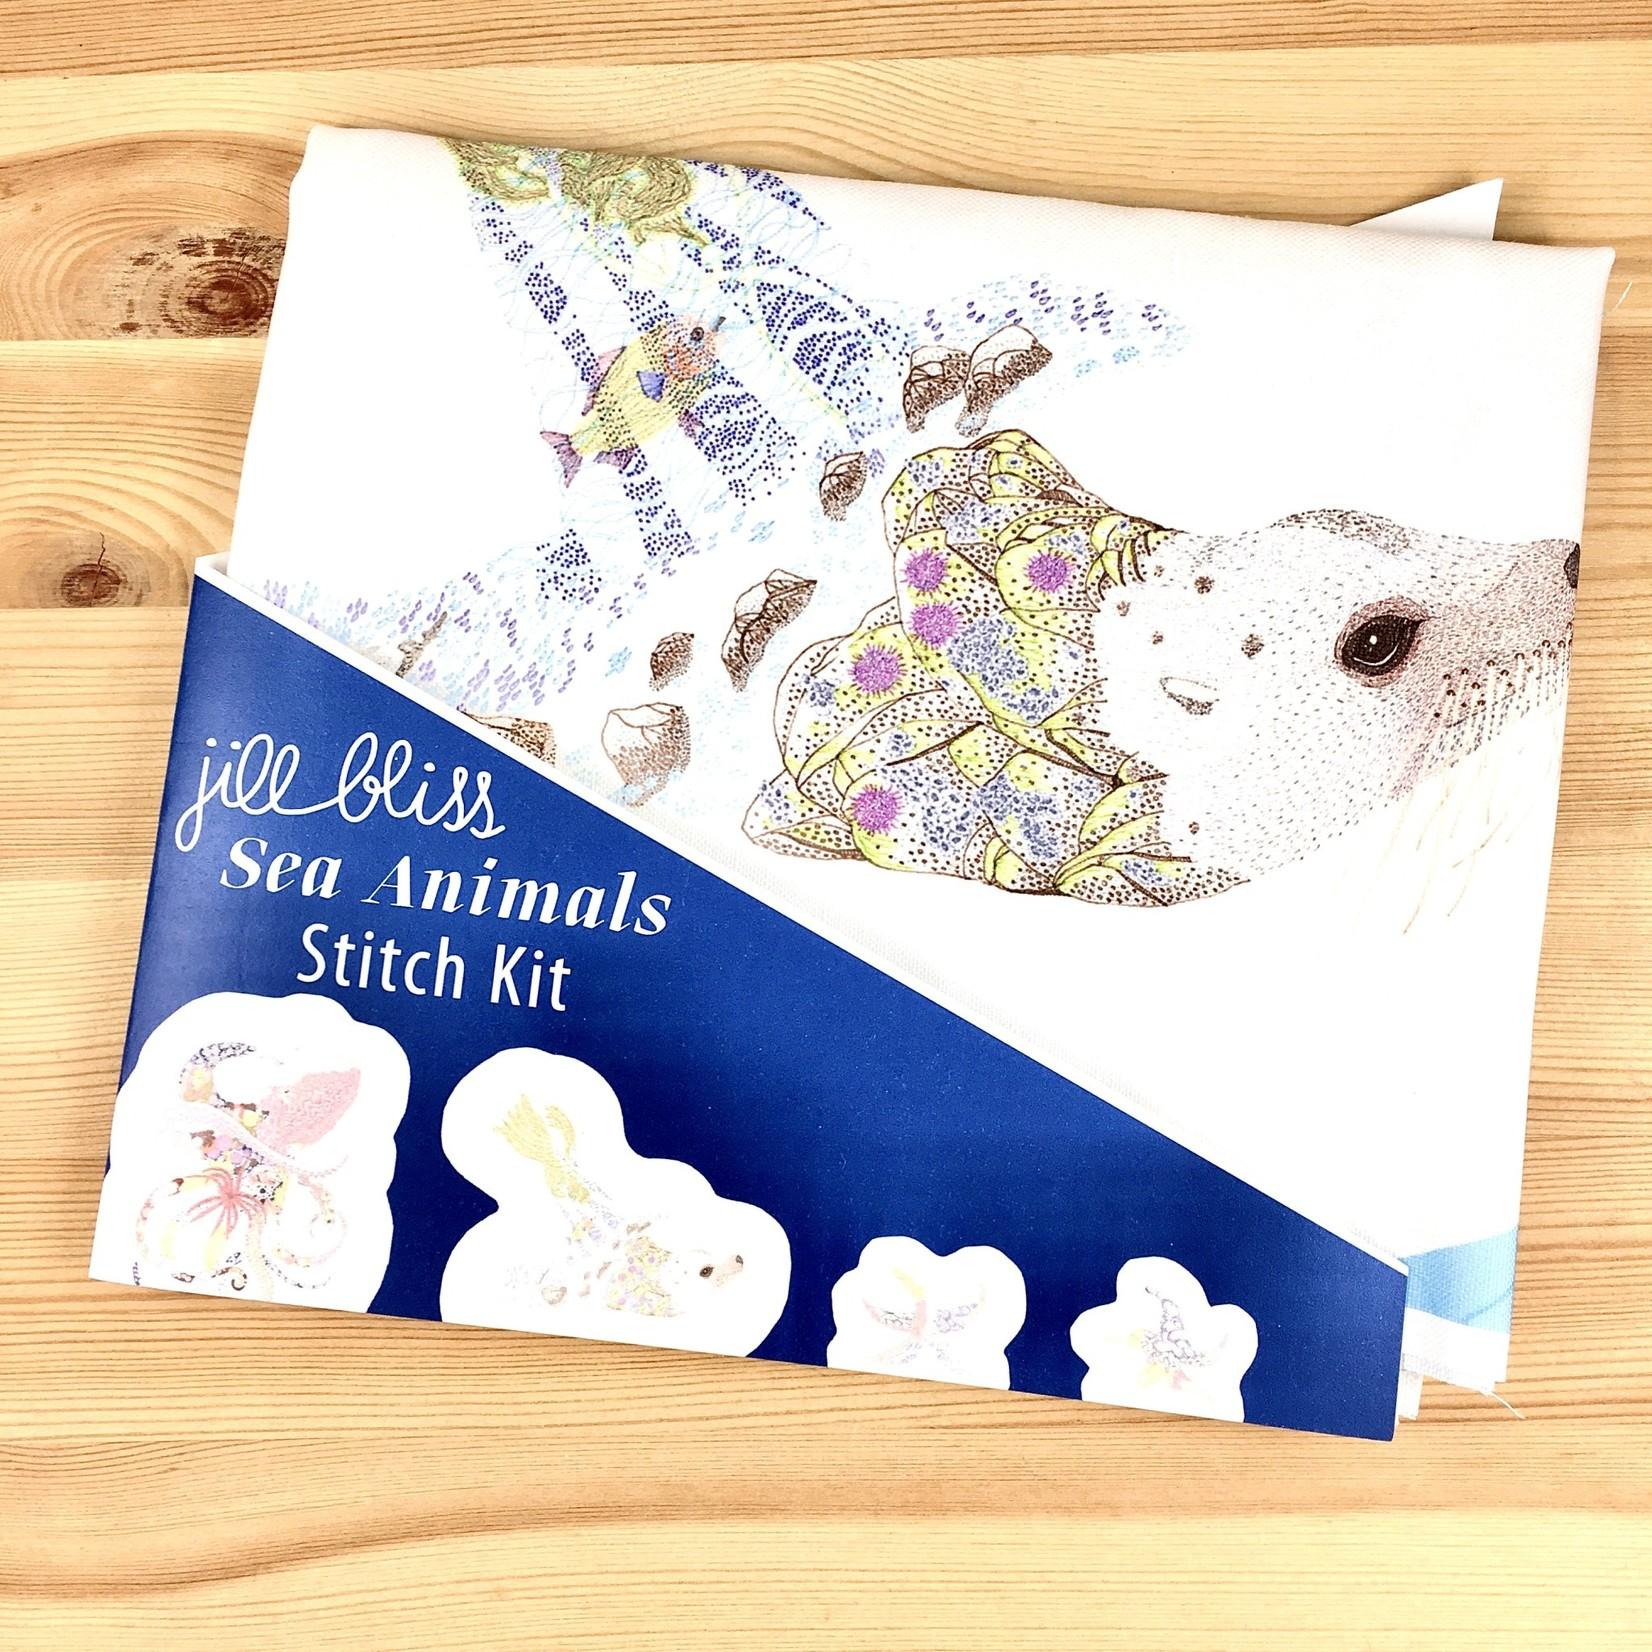 Jill Bliss The Sea Animals Stuffie Stitch Kit